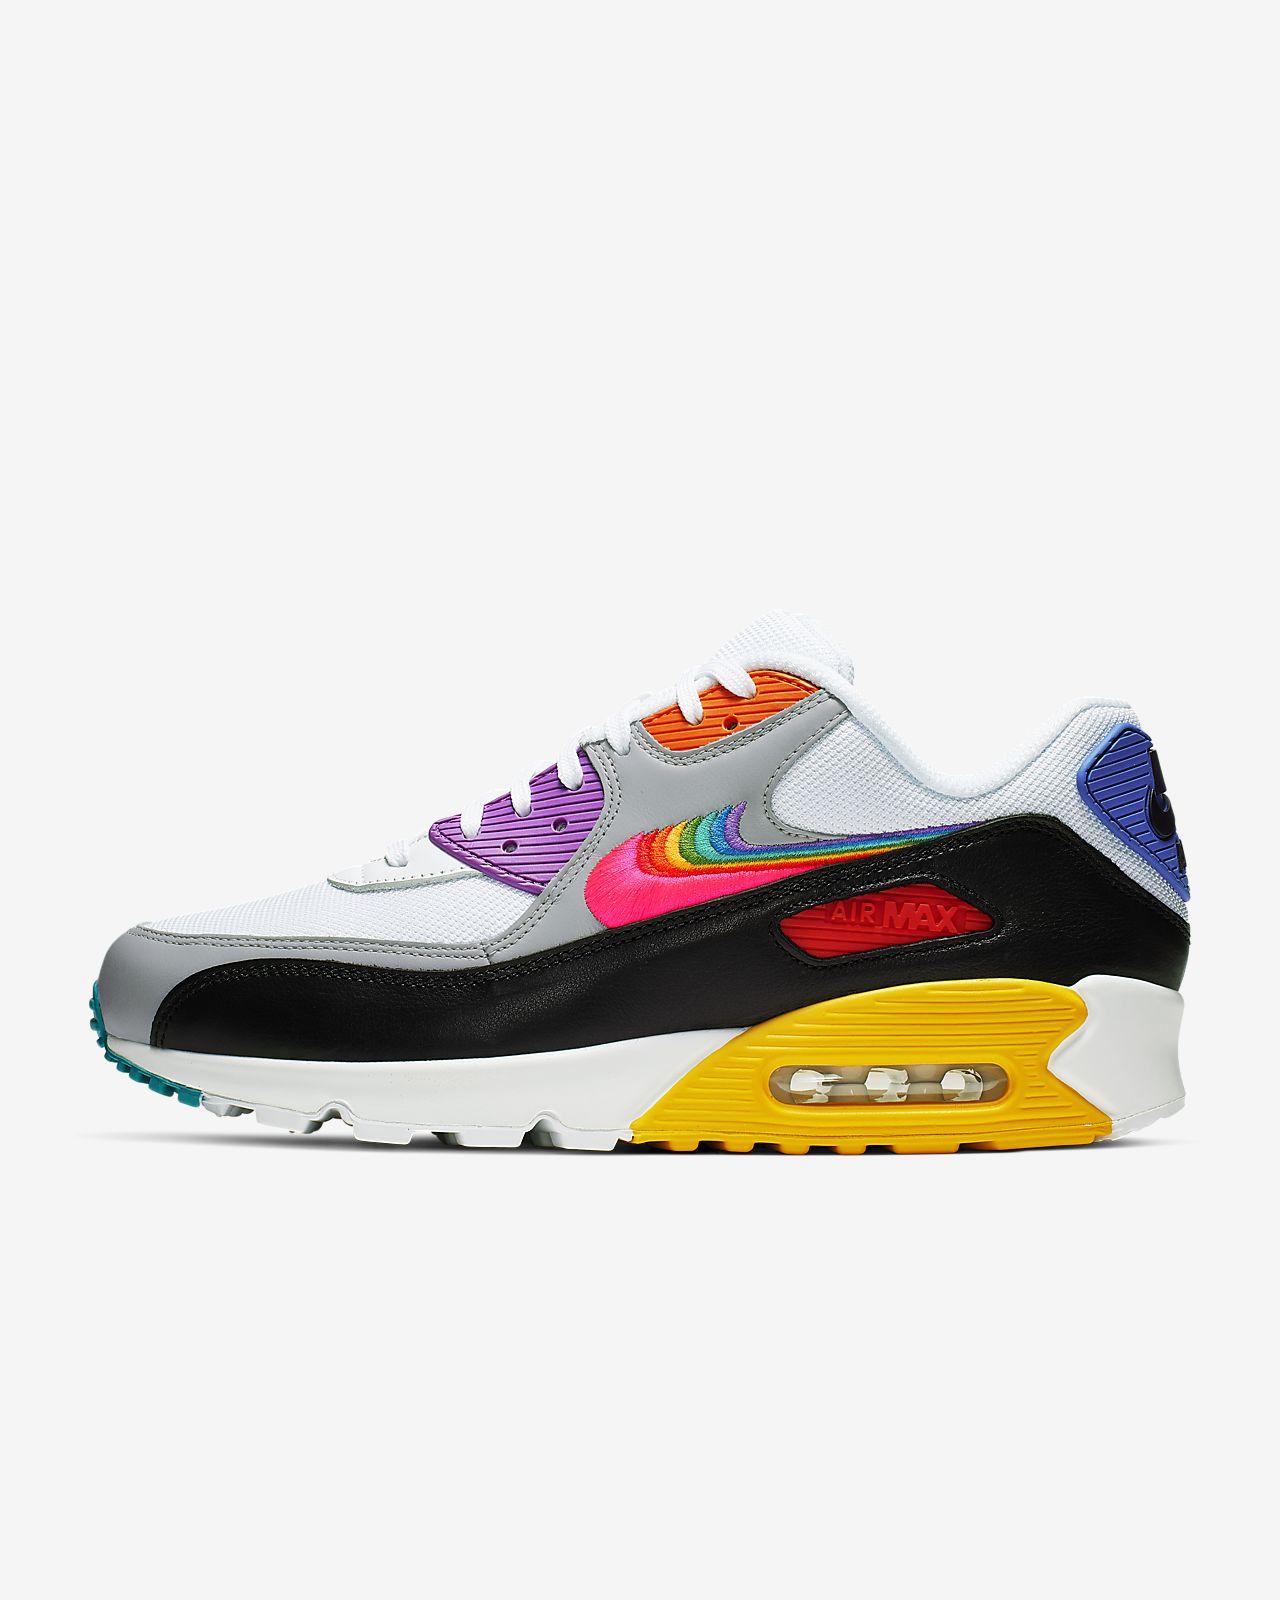 Sapatilhas Nike Air Max 90 BETRUE